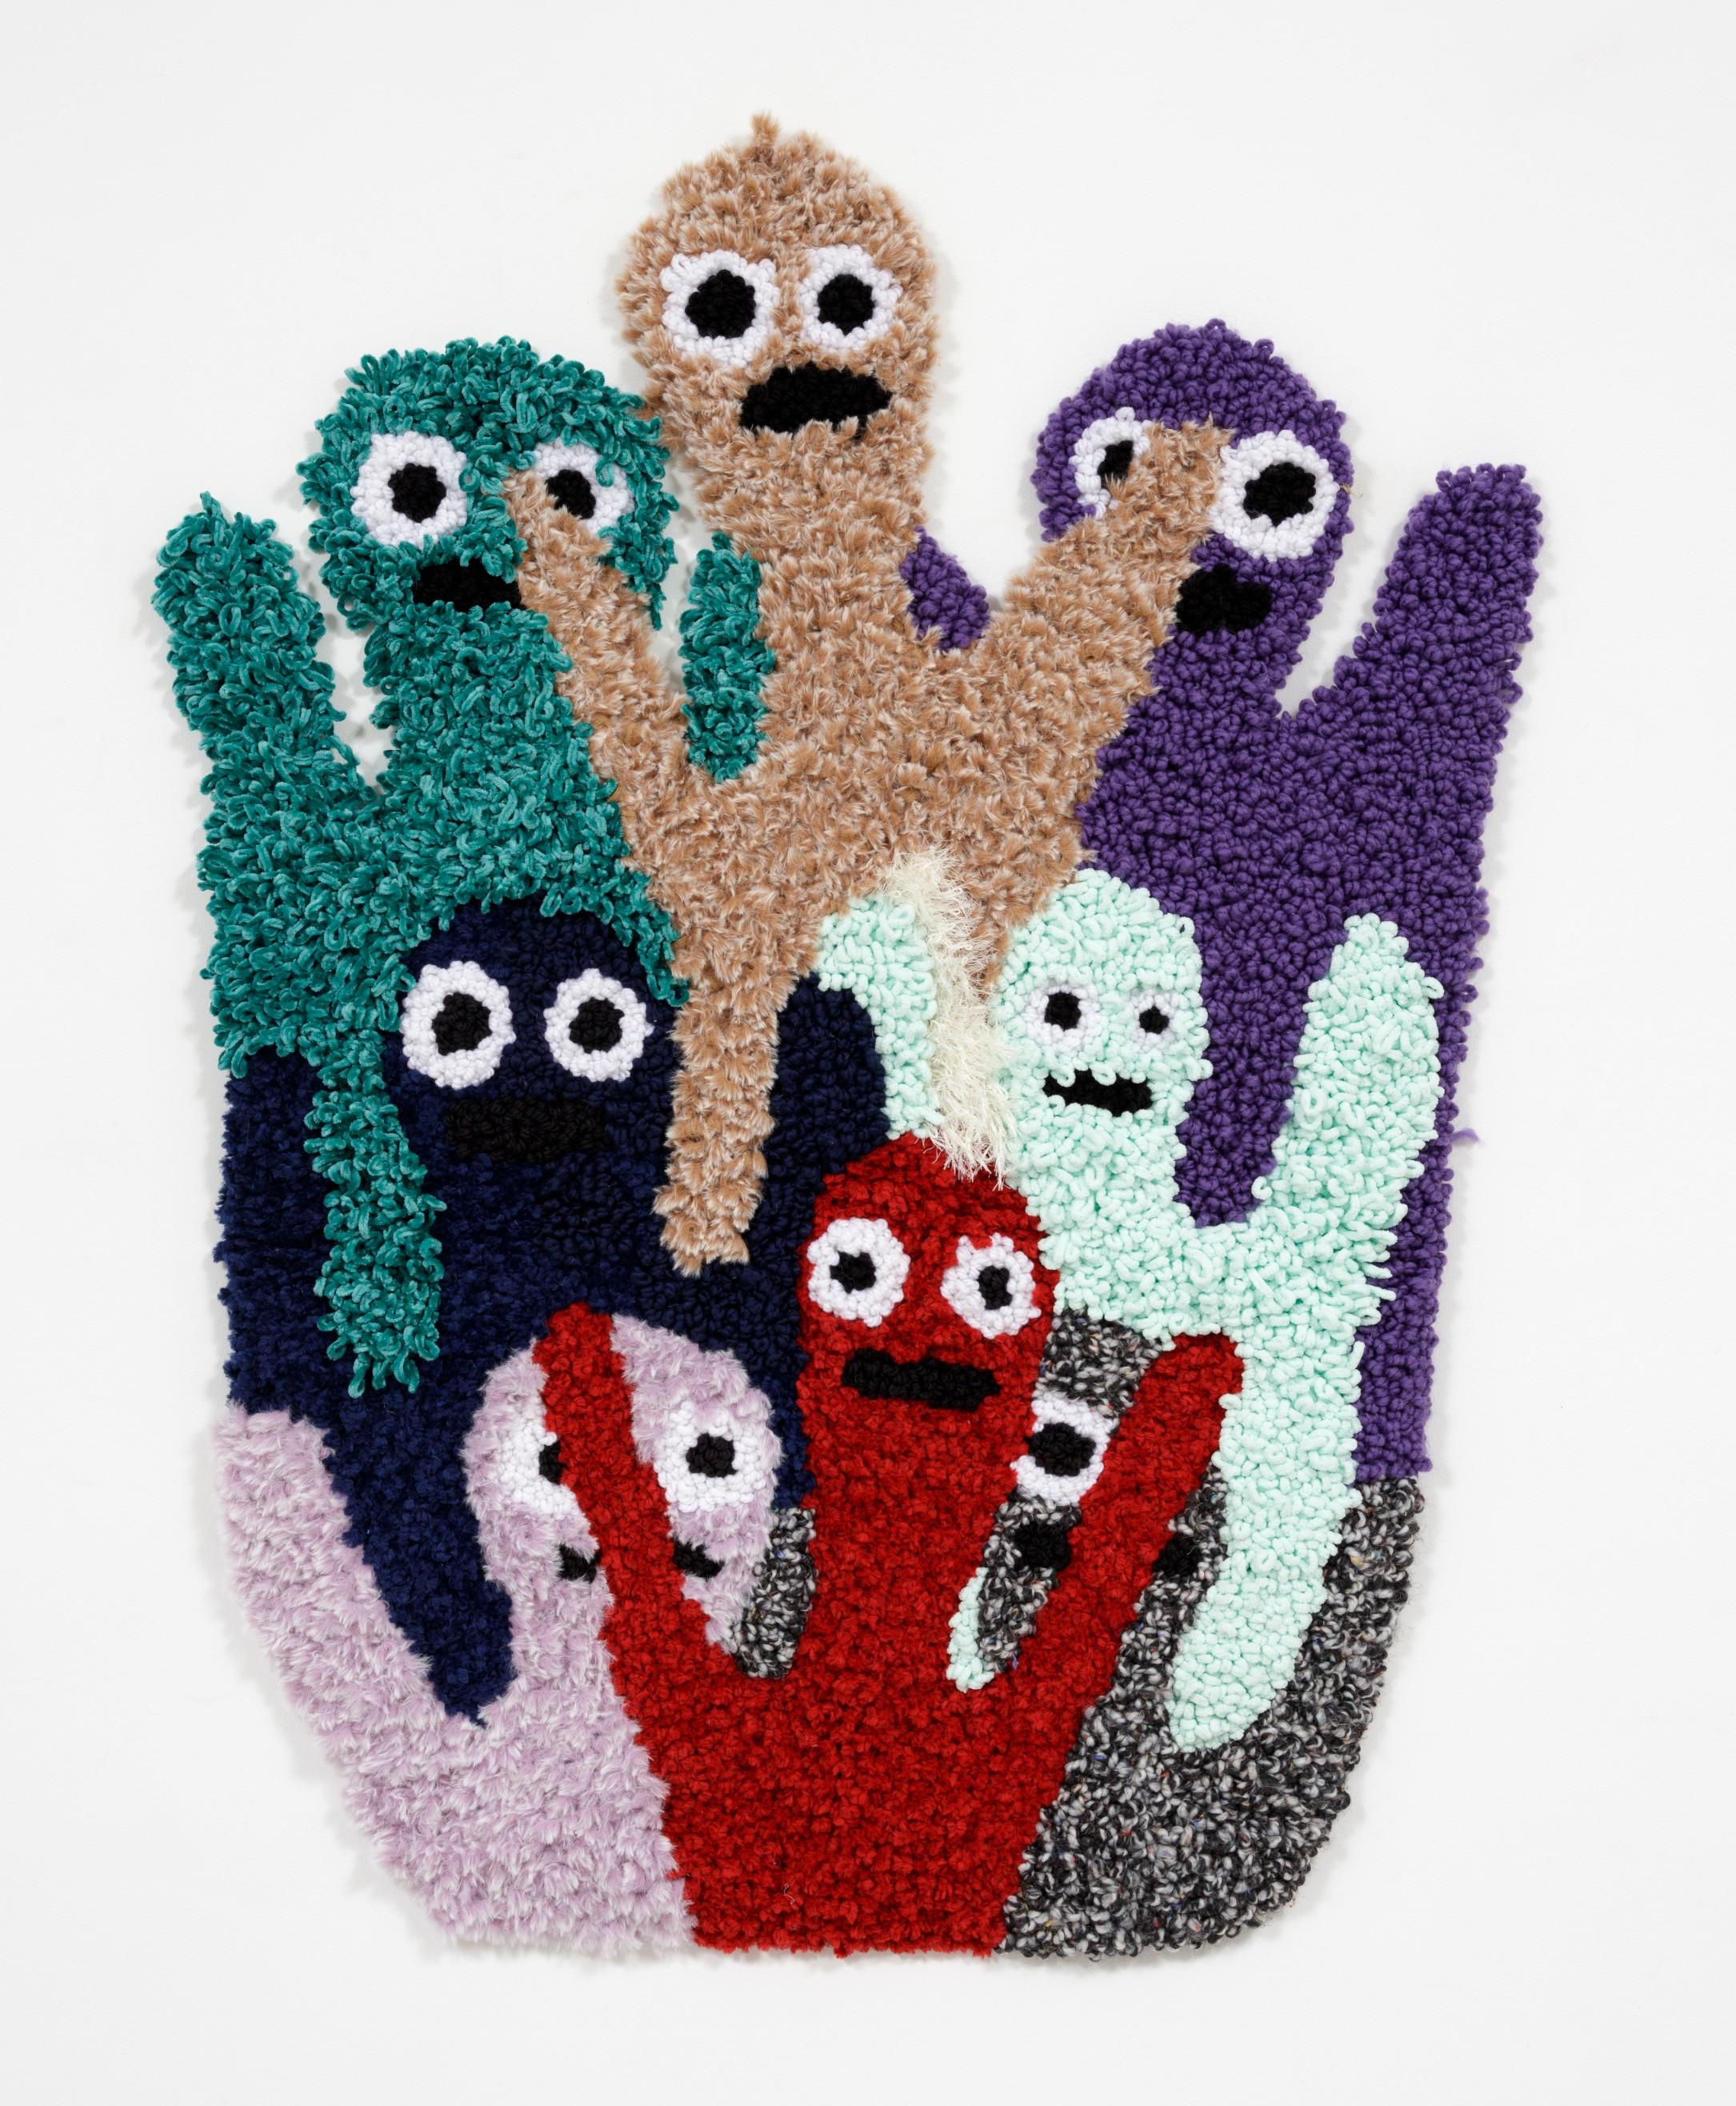 Hannah Epstein.<em> HEYYYYYYY</em>, 2018. Wool, acrylic, polyester and burlap, 46 x 34 inches (116.8 x 86.4 cm)